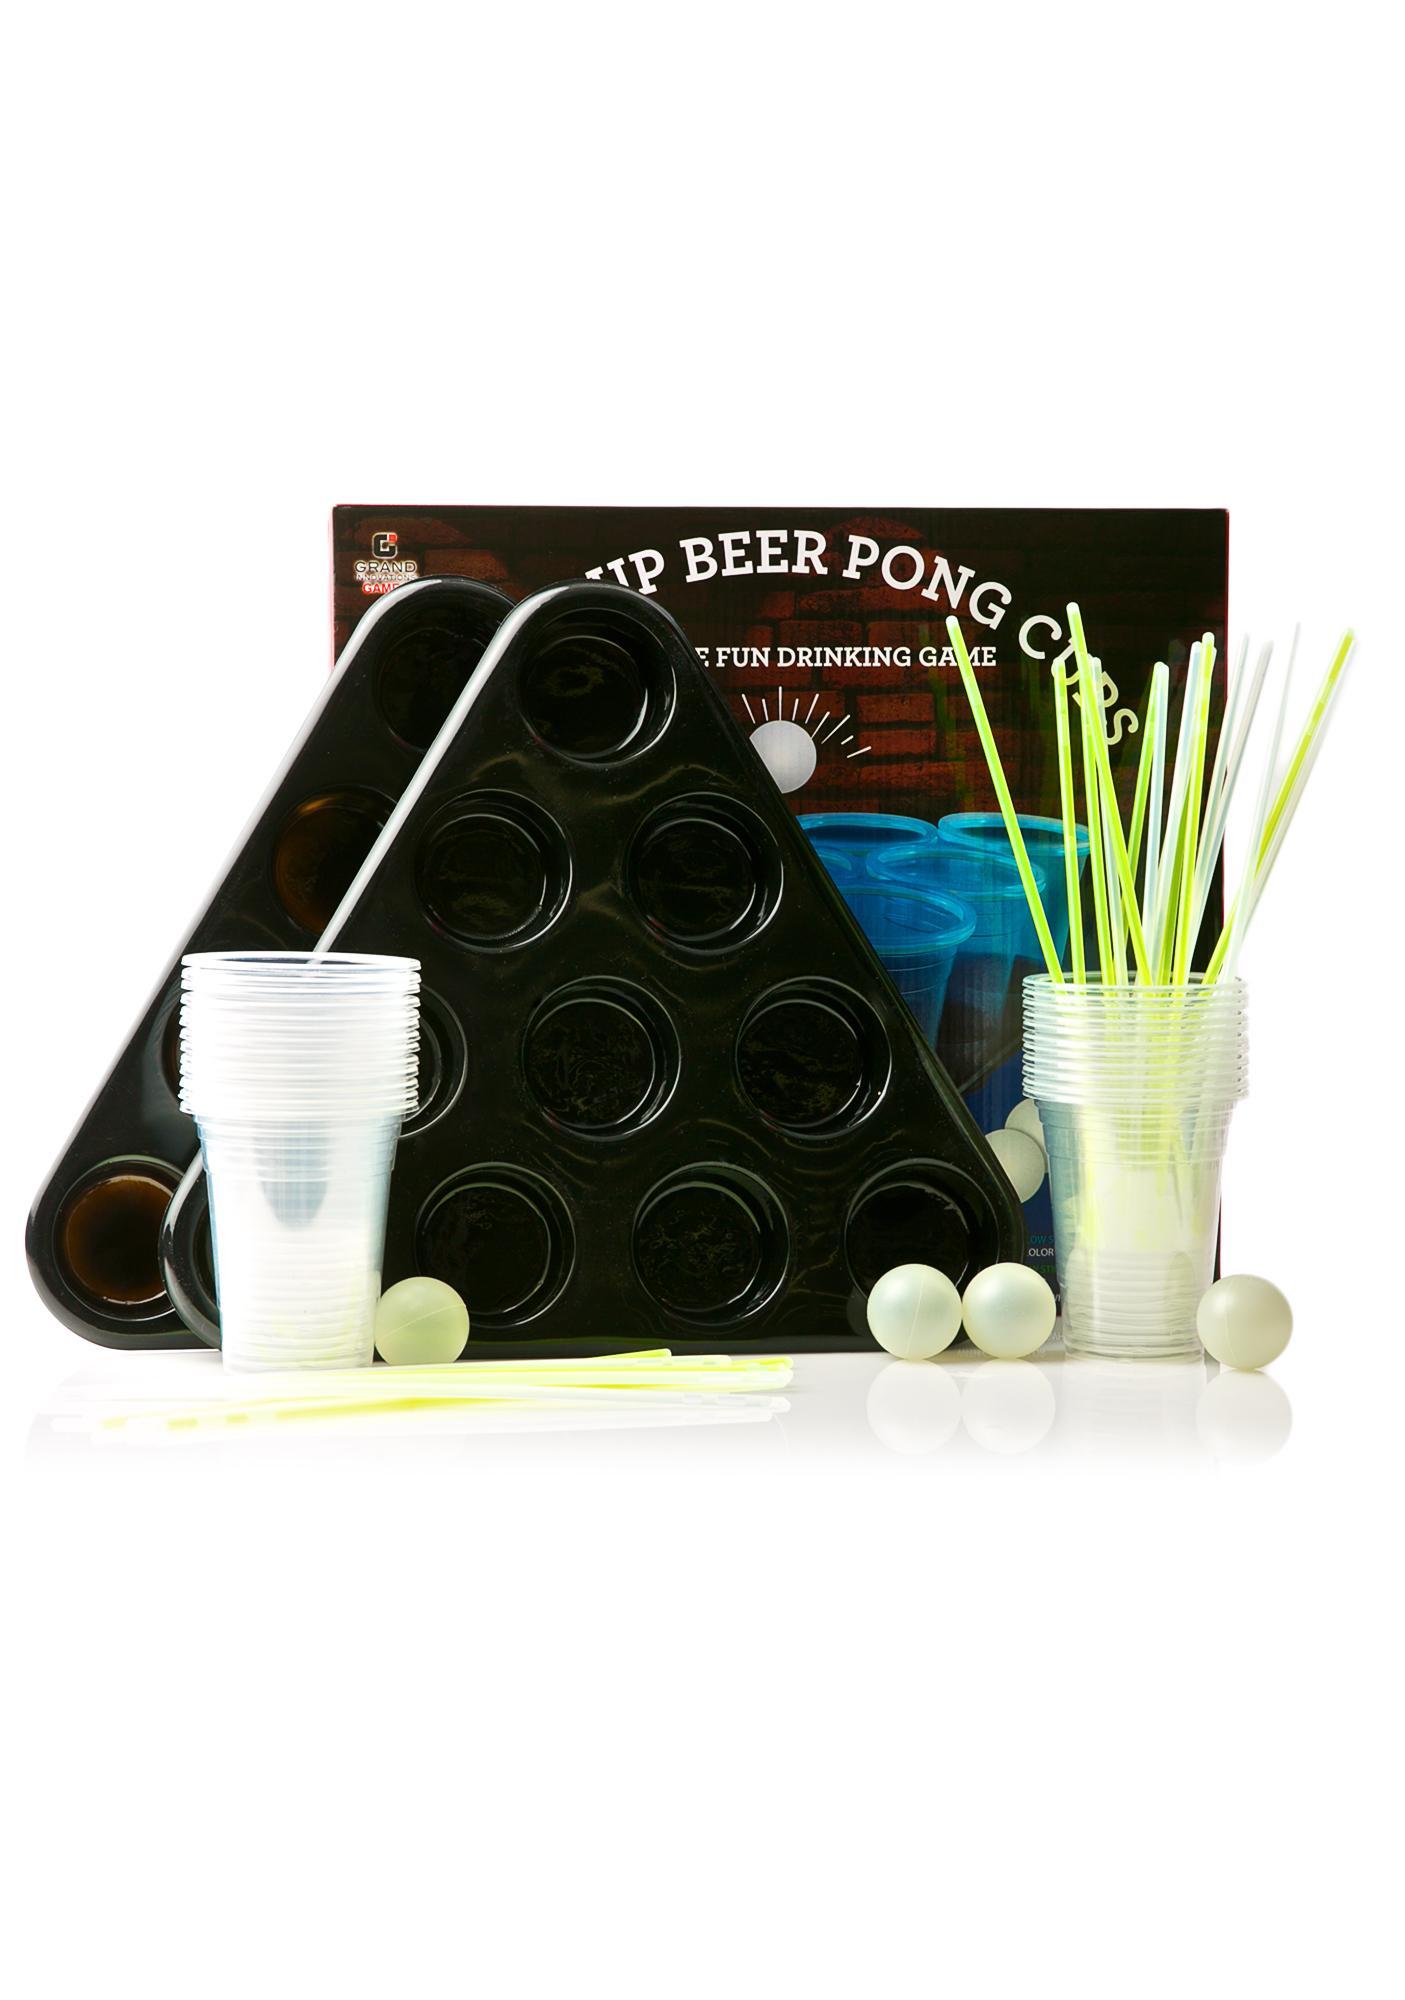 Glowing Beer Pong Set